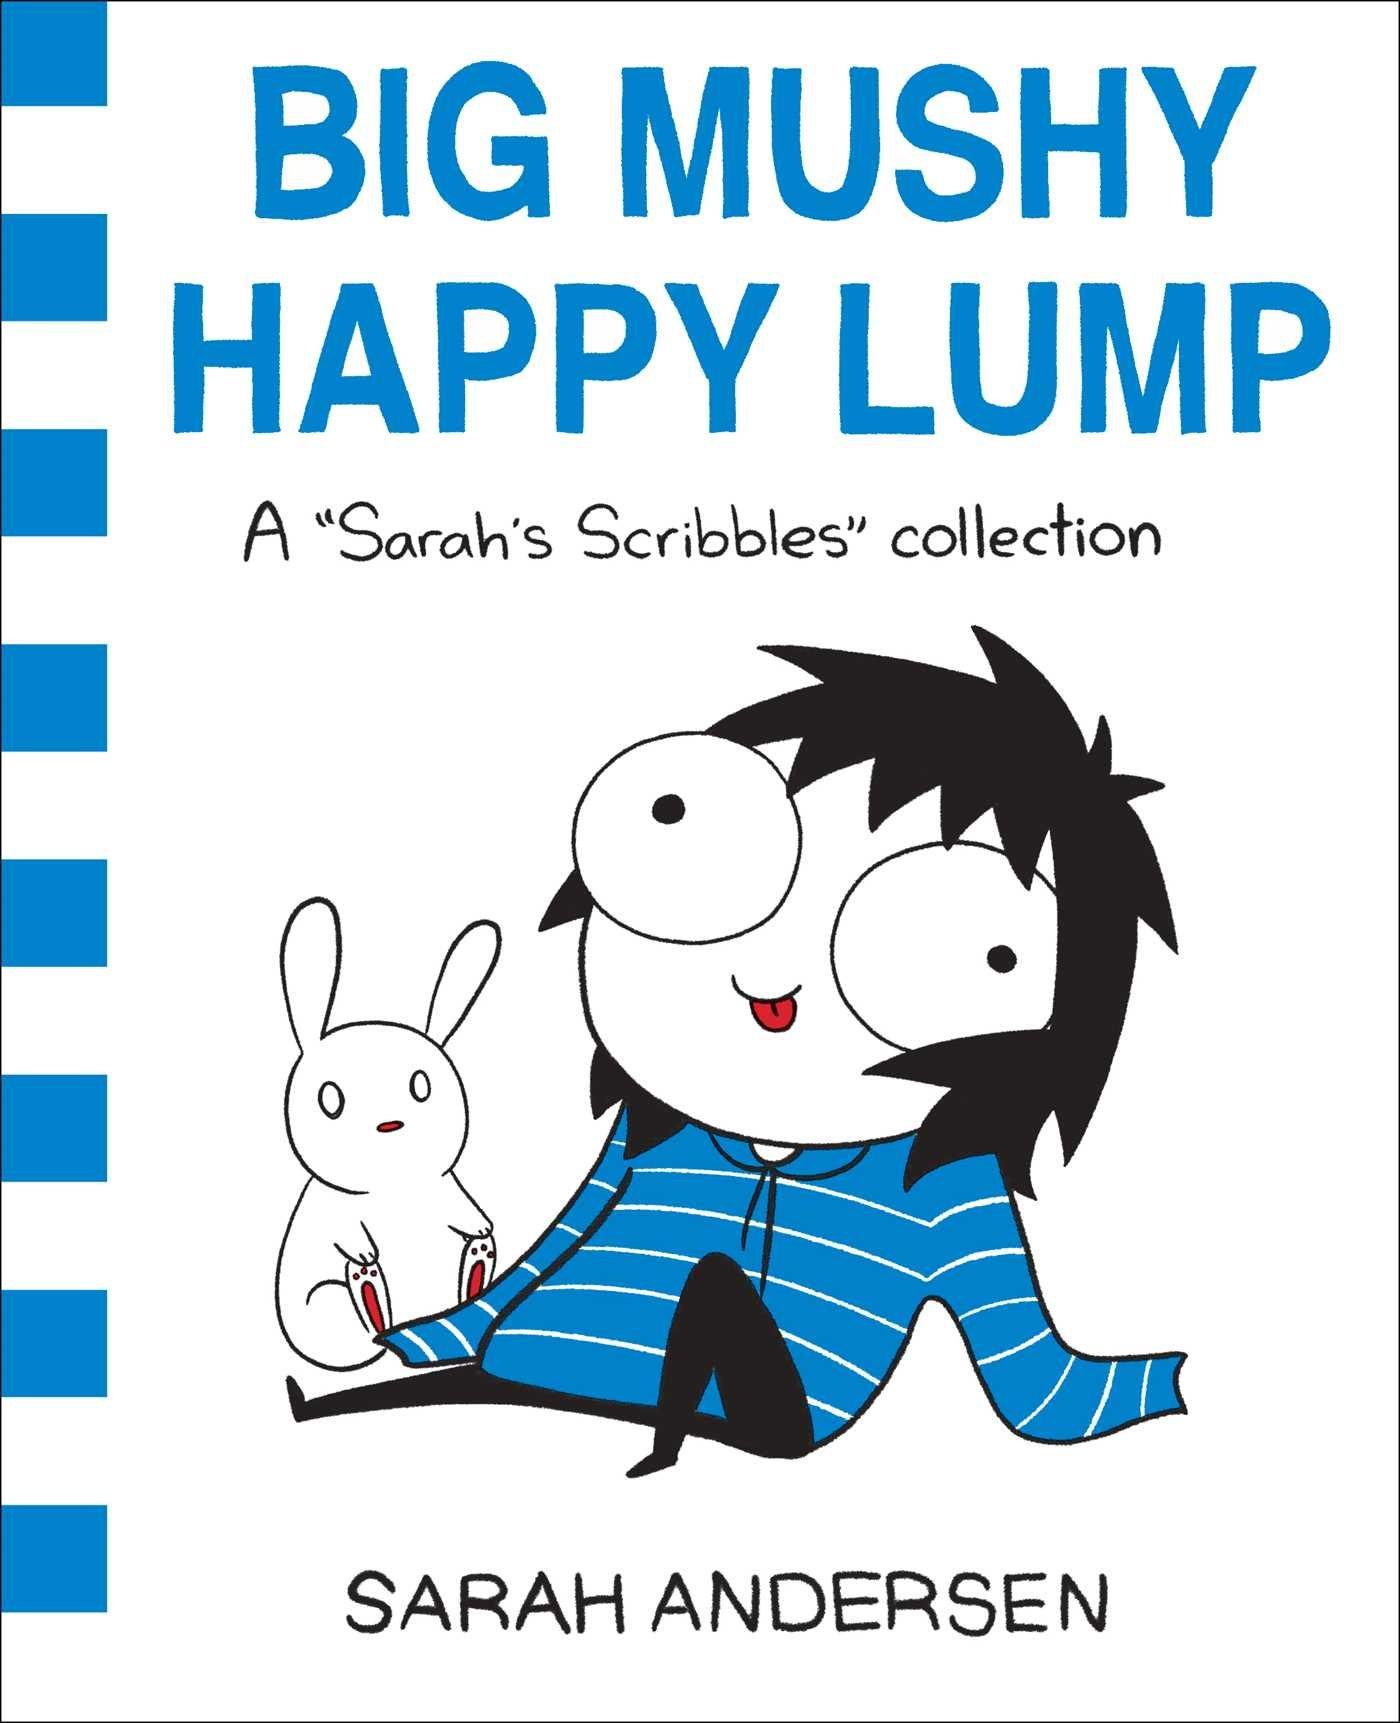 Big Mushy Happy Lump Book Cover